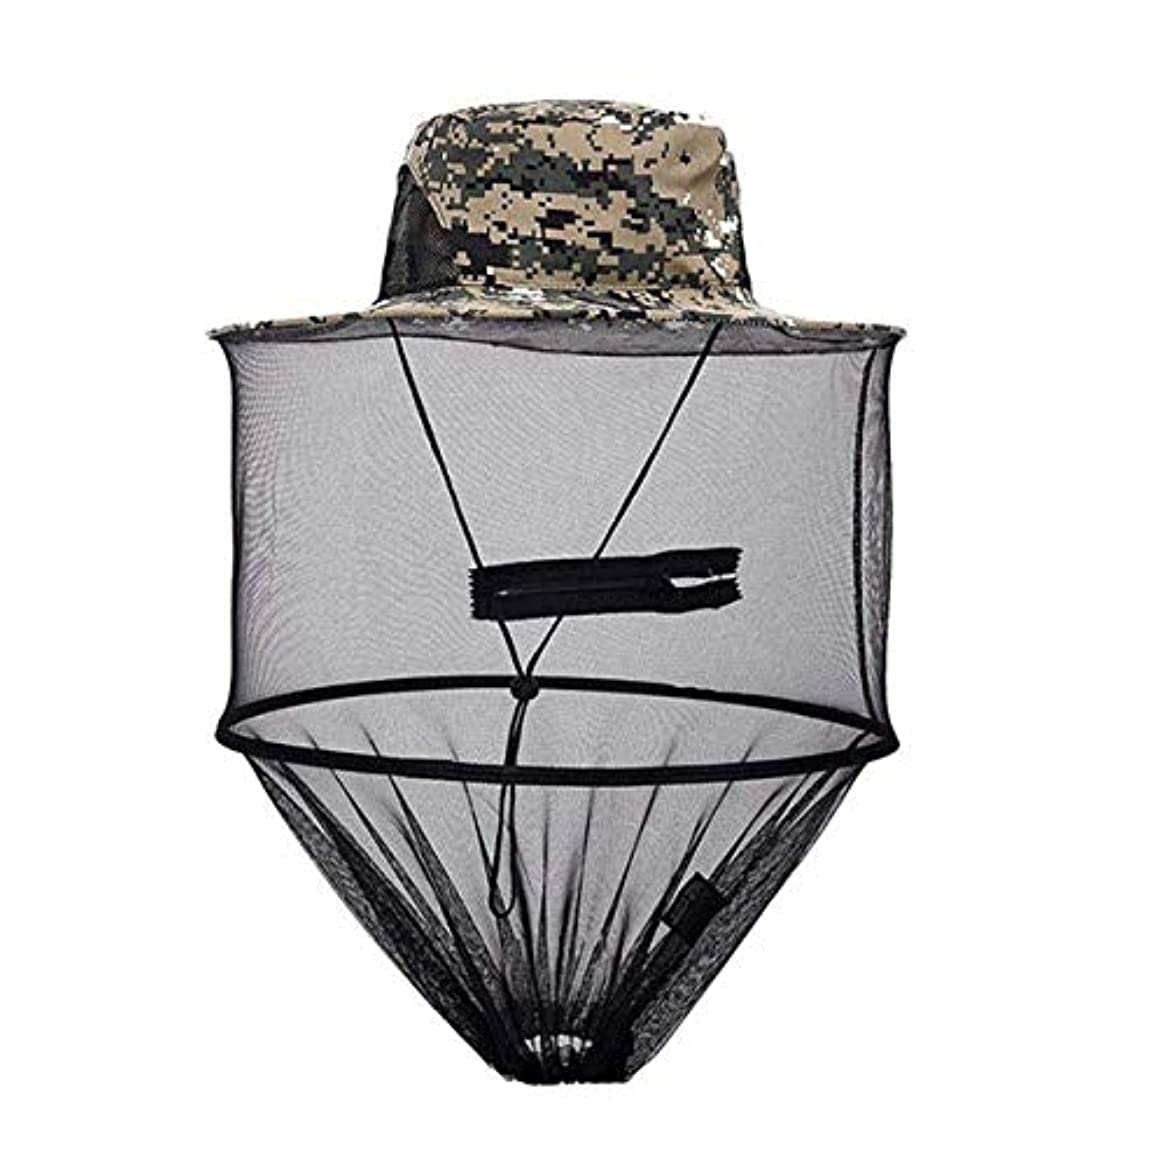 無礼に仲介者慎重Saikogoods アウトドアキャンプハイキング狩猟のためにネットメッシュ?ヘッドフェイスプロテクター 釣りの帽子蚊キャップ ミッジフライバグ昆虫蜂ハット デジタル迷彩